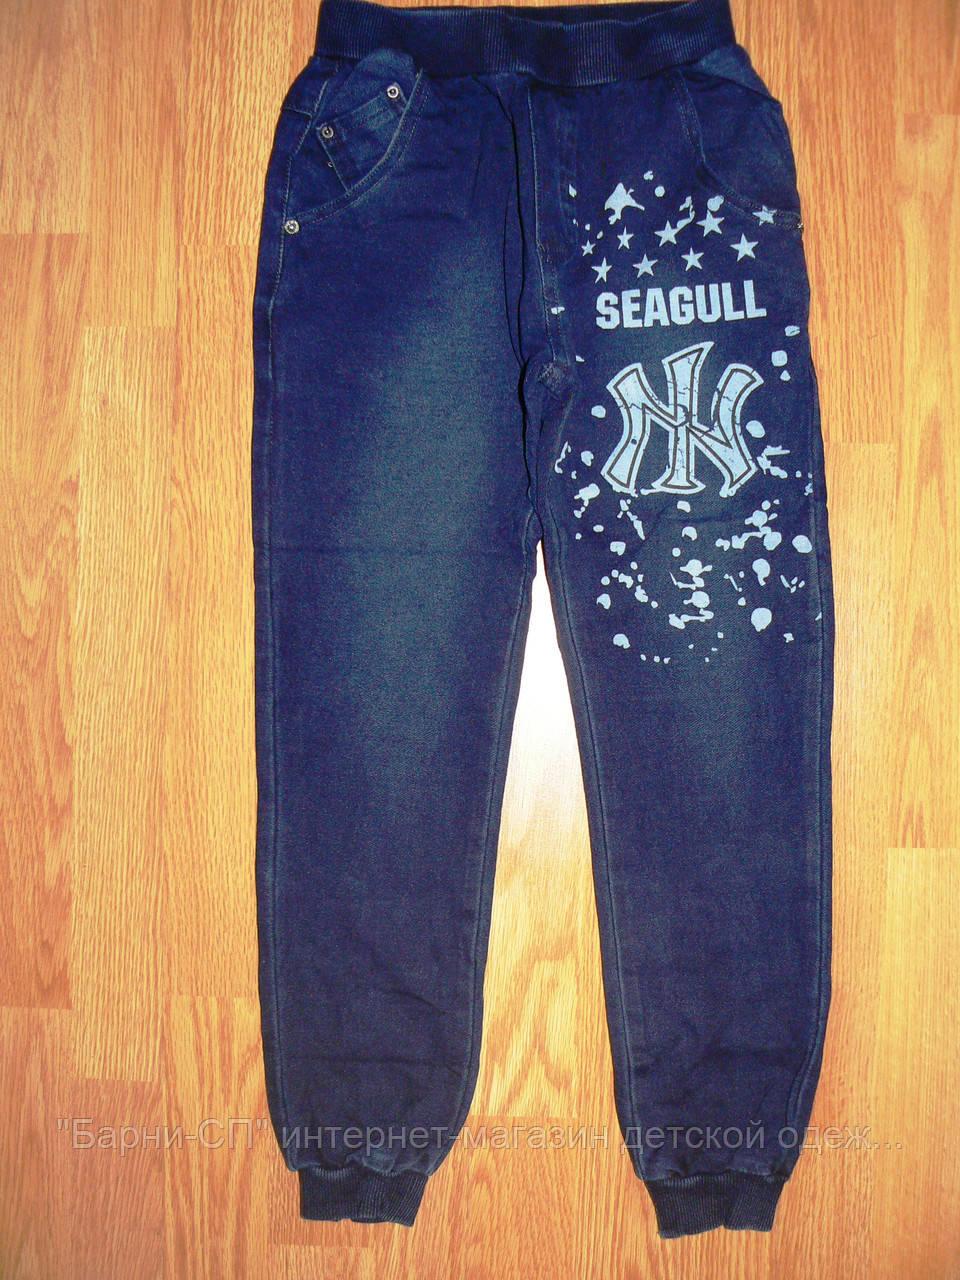 """Брюки под джинс для мальчиков Seagull оптом  134-164  - """"Барни-СП"""" интернет-магазин детской одежды с Венгрии  в Мукачево"""